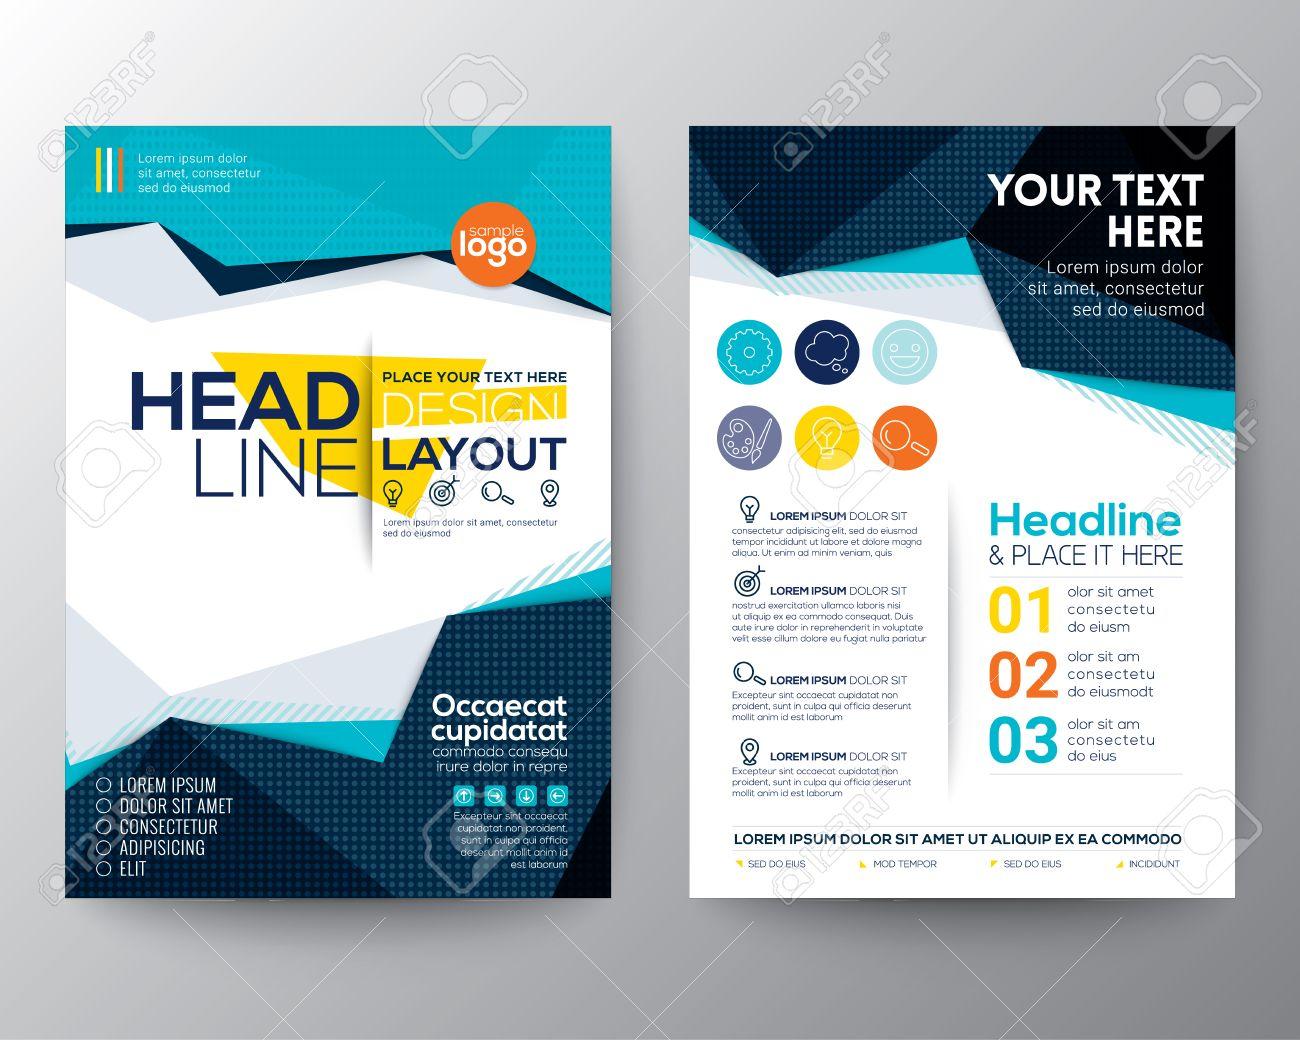 Catalogue đẹp mắt mang đến hiệu quả marketing không thể ngờ